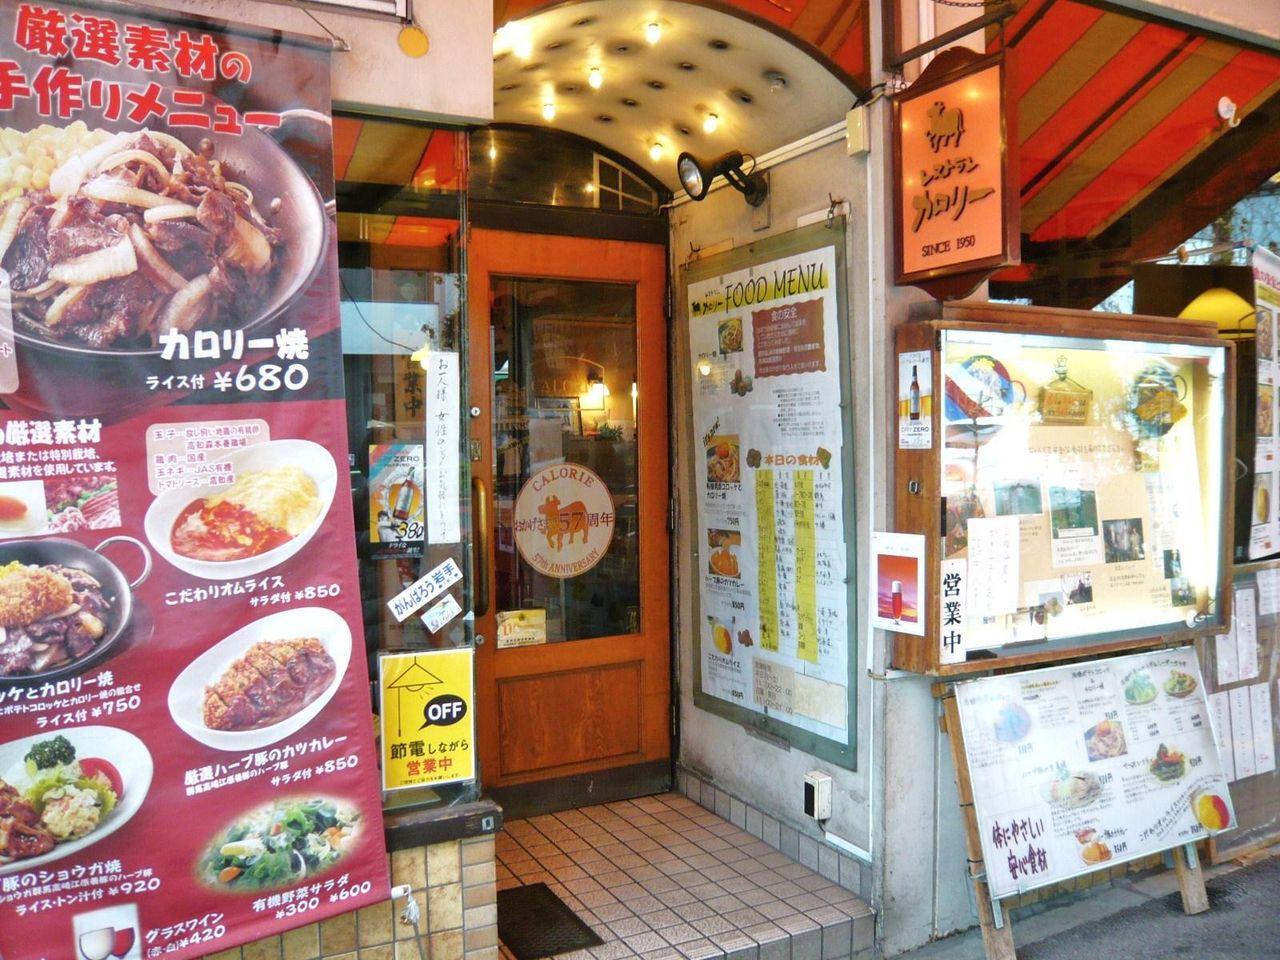 学生街のレトロなレストランです!